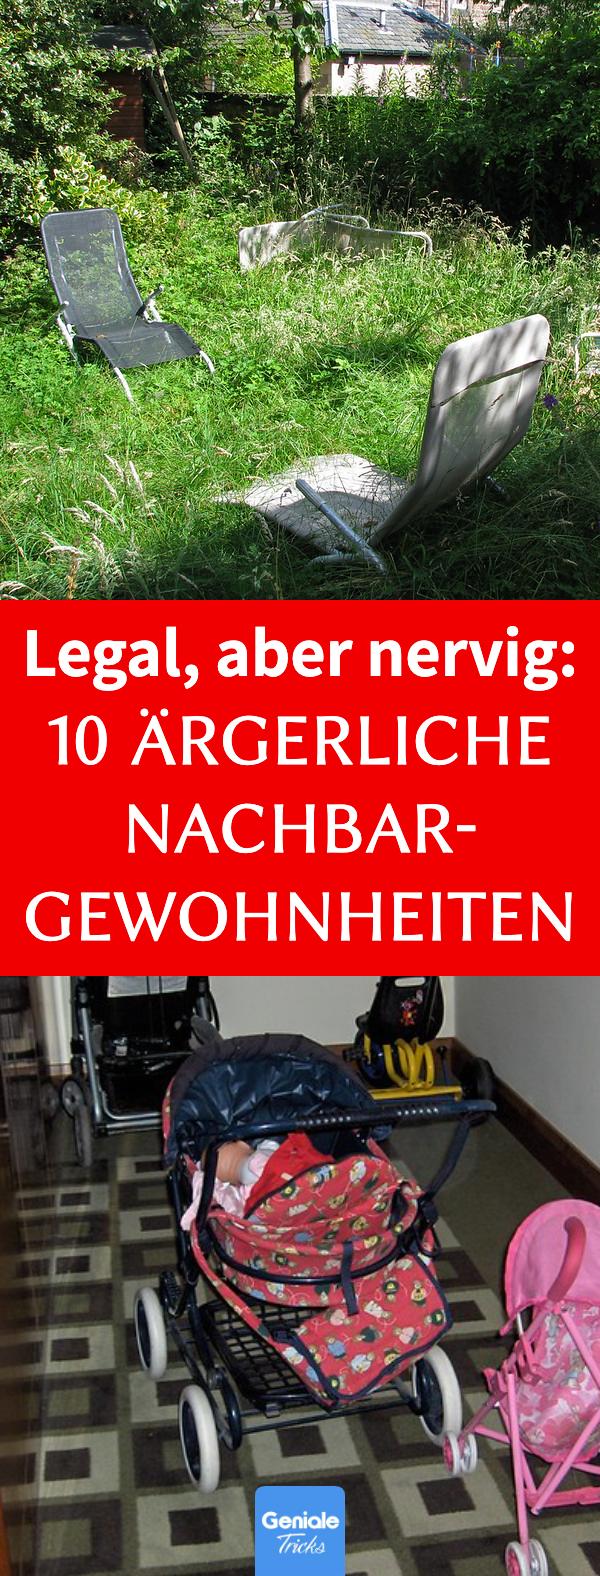 Nervige Nachbarn: 10 legale, aber lästige Verhaltensweisen